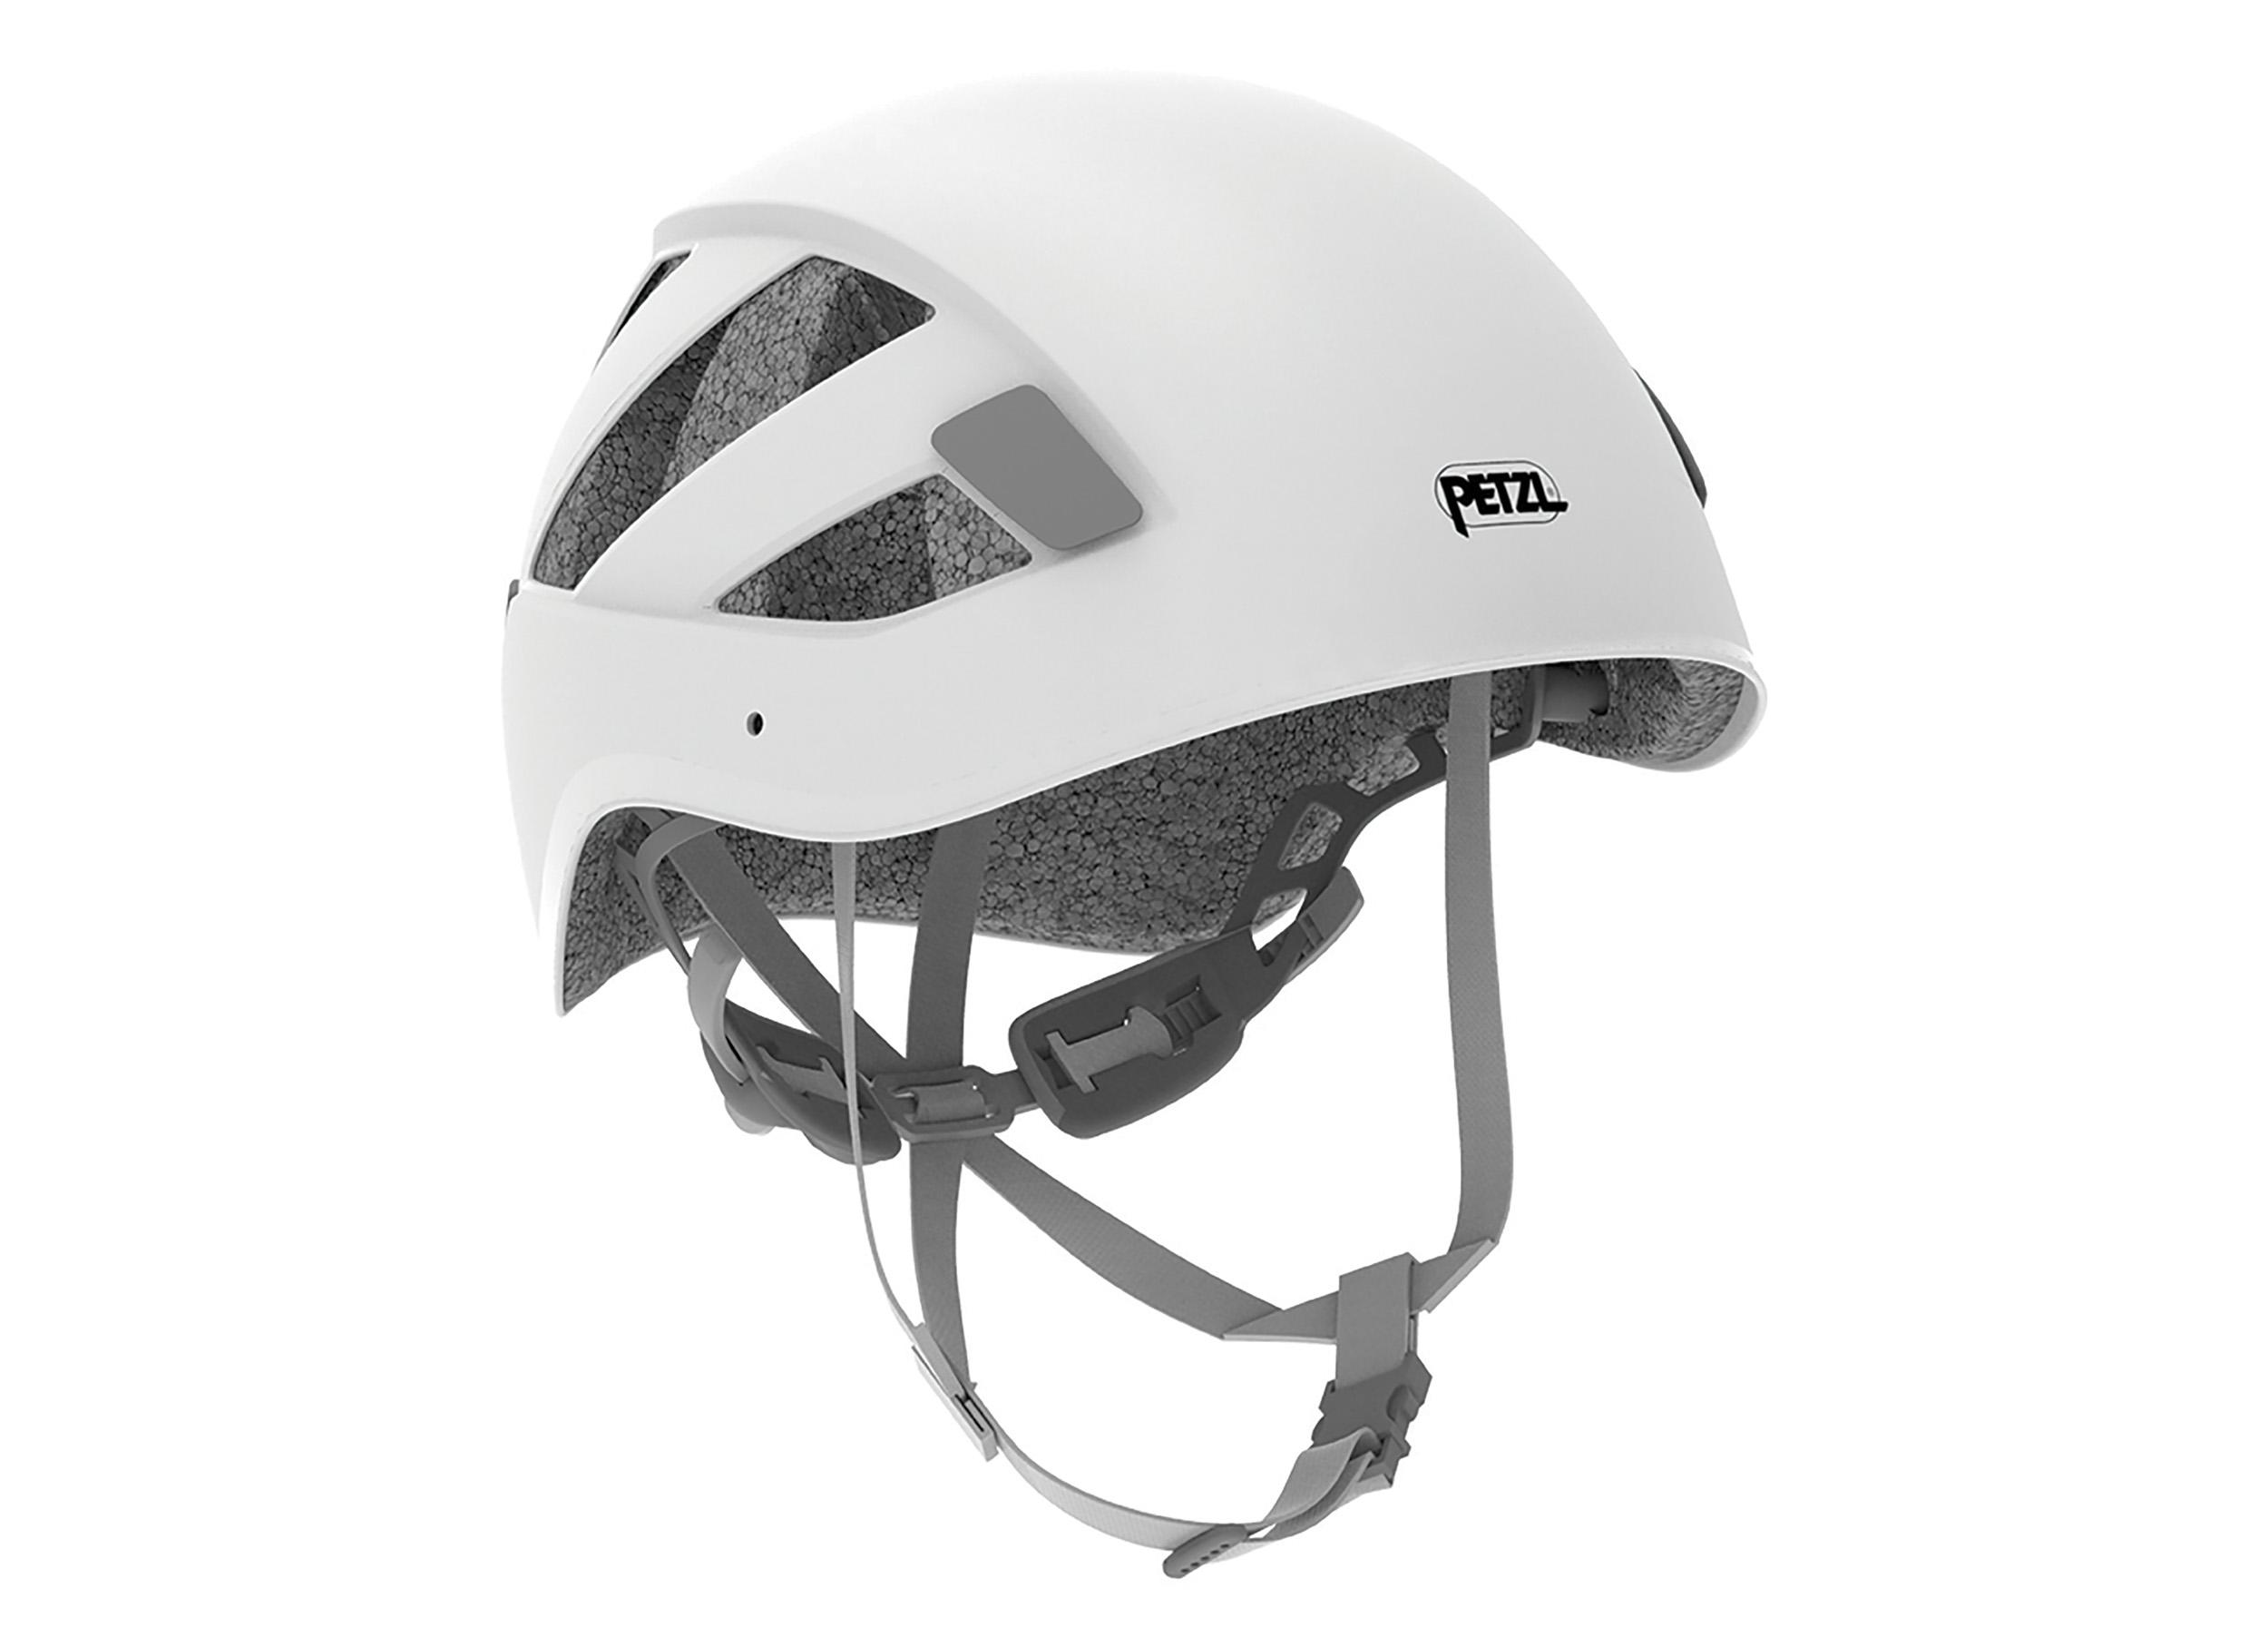 Klettergurt Petzl Corax Test : Petzl boreo kletterhelme helme sportklettern kletterladen nrw